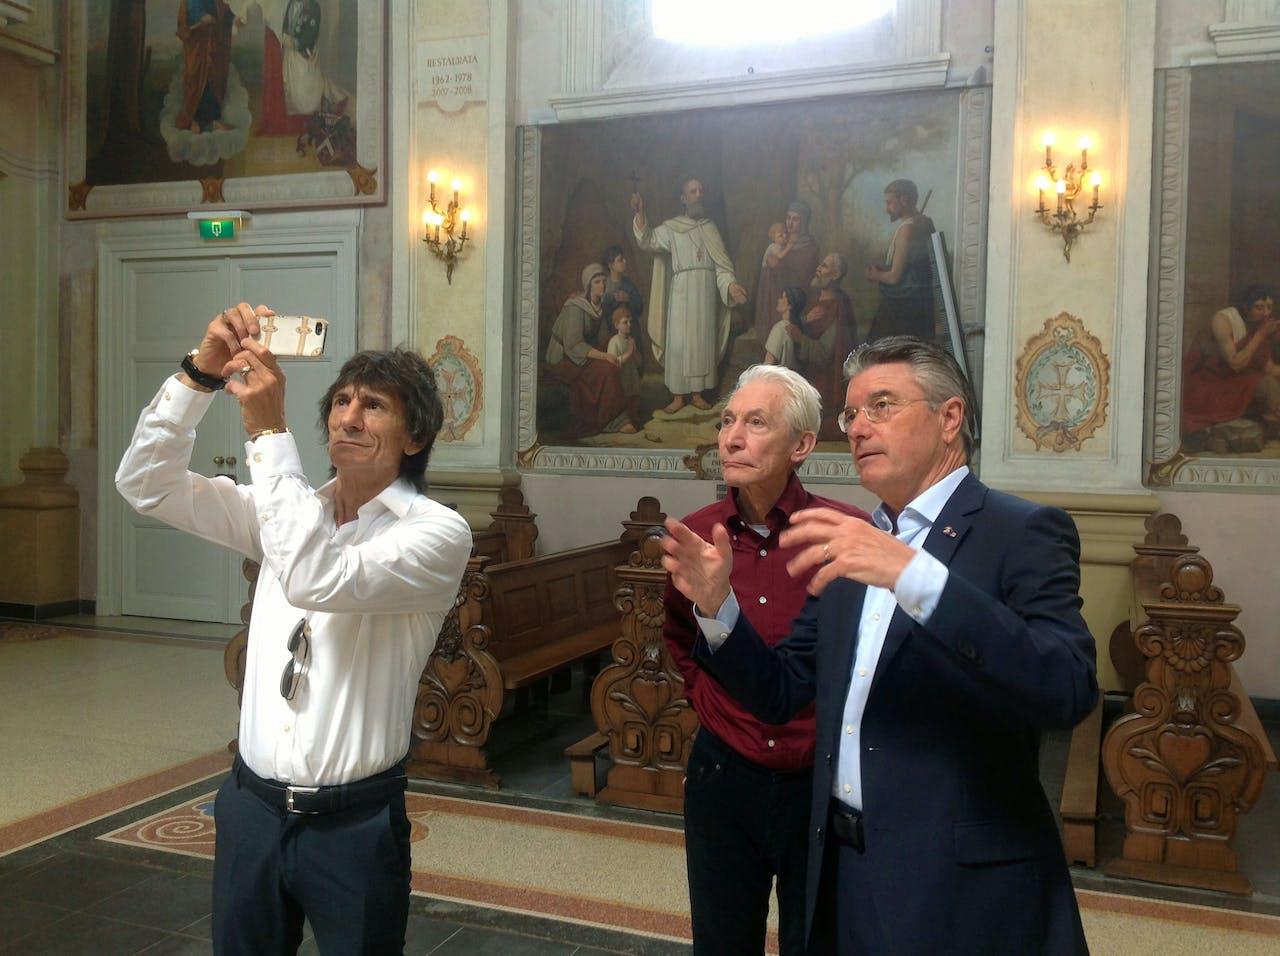 The Rolling Stones worden rondgeleid in de Barokkerk door Camille Oostwegel eigenaar Chateau St. Gerlach